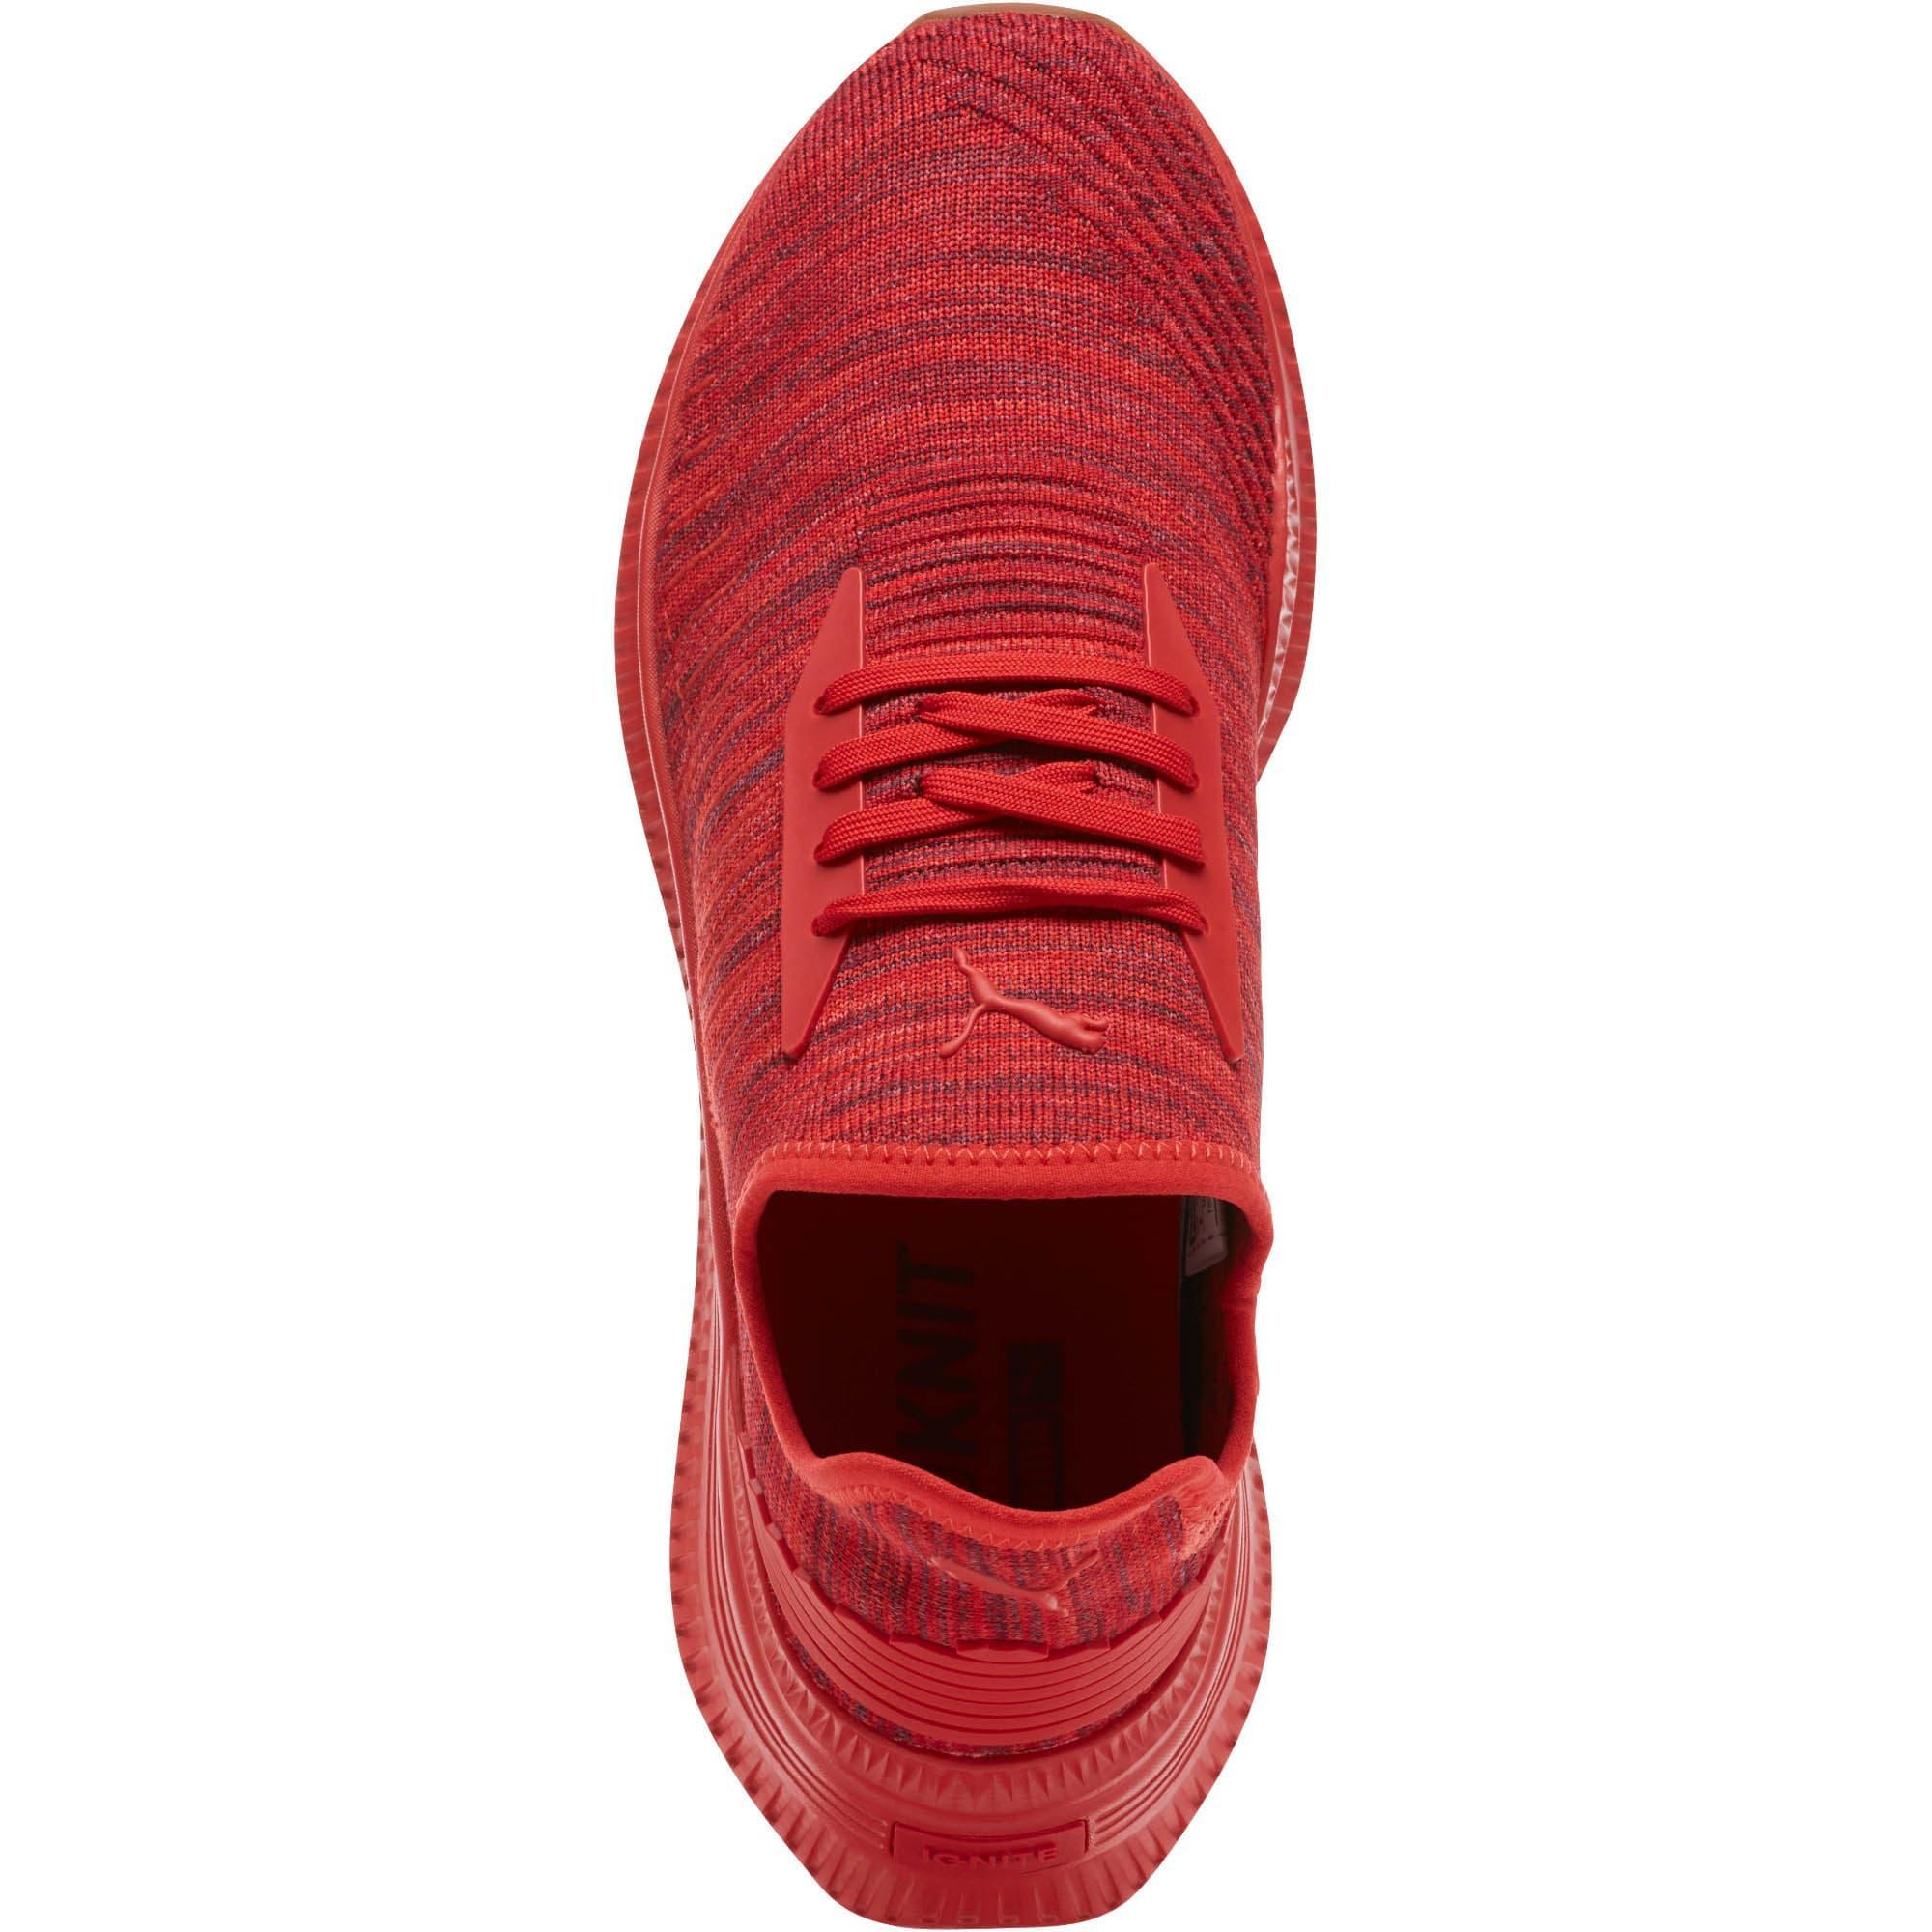 PUMA Rubber Avid Evoknit Su Gum in Red